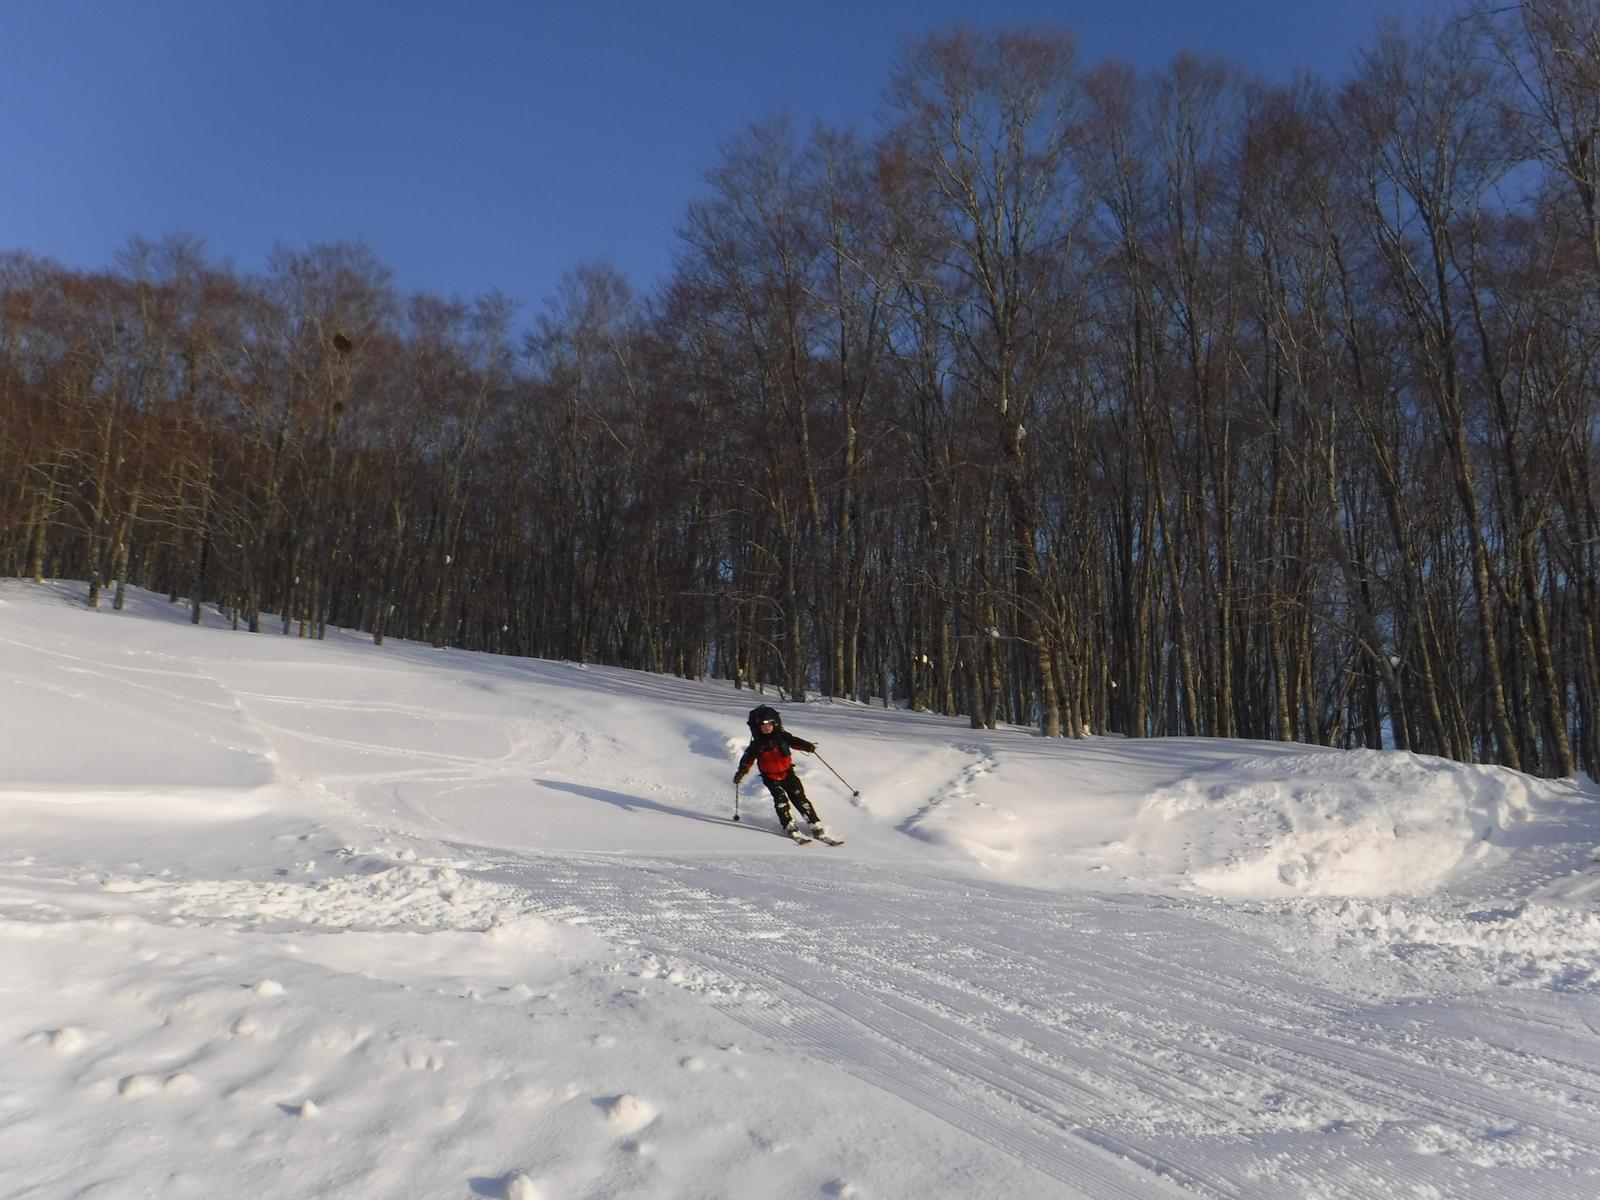 7:00 池の平スキー場、上部の旧ゲレンデを滑る